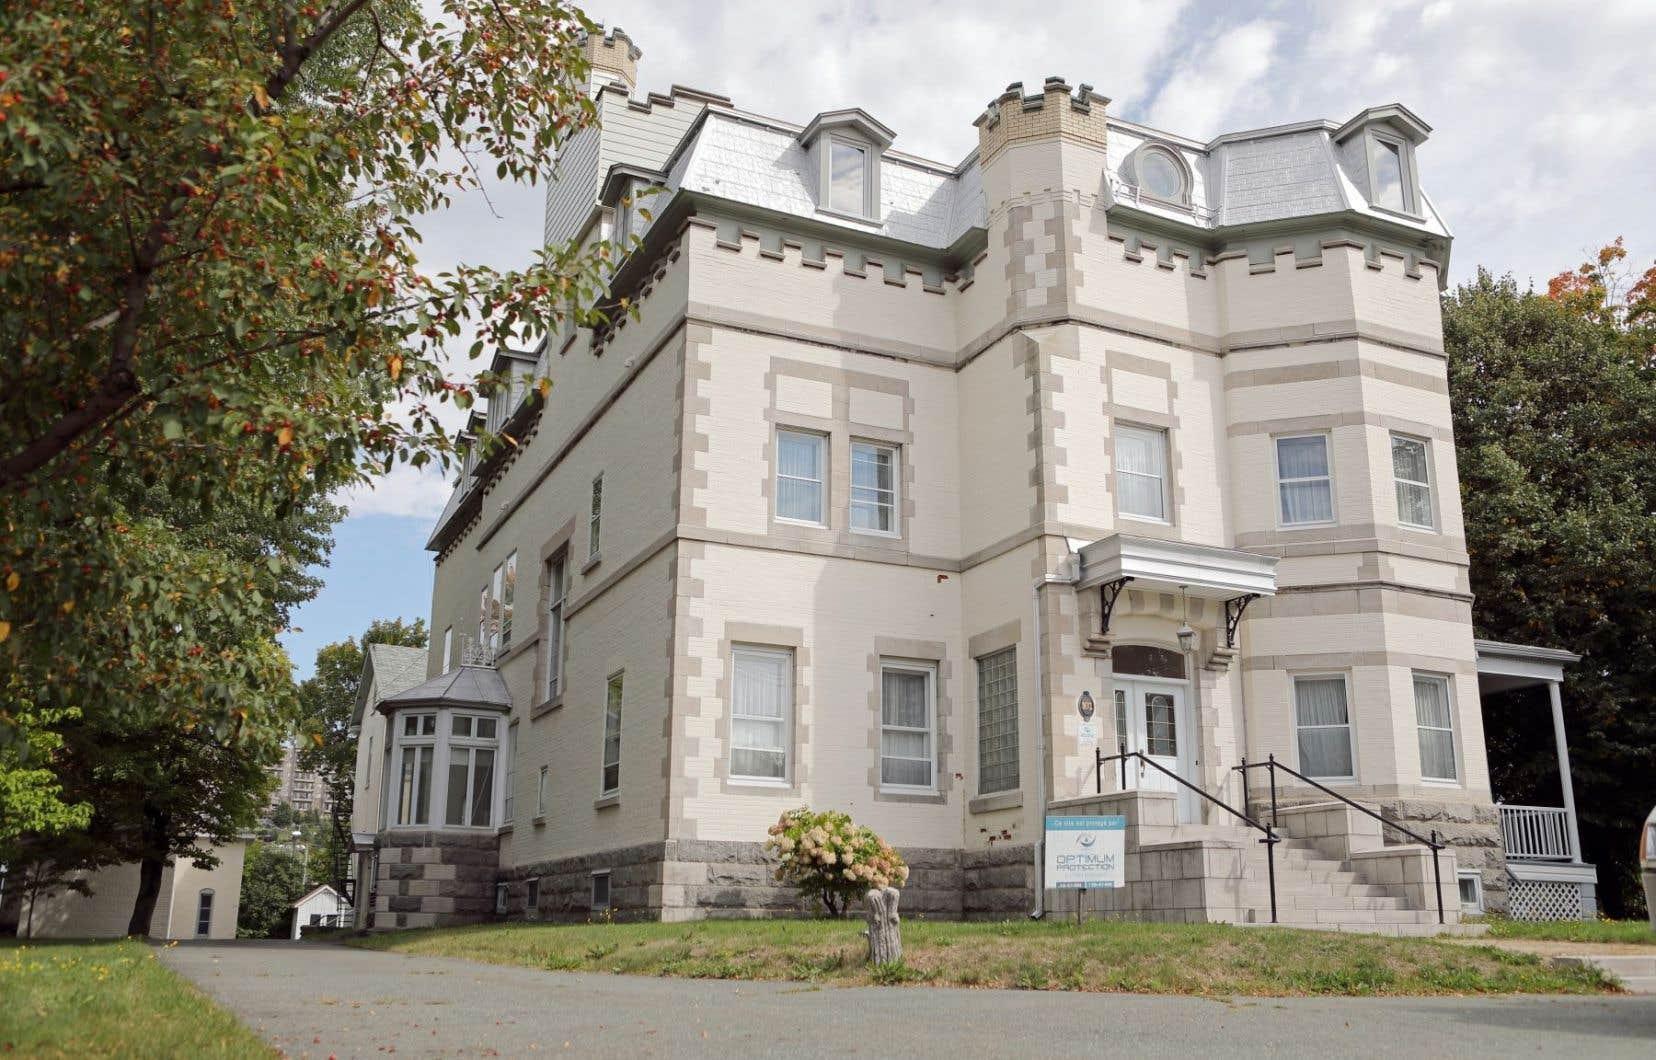 Le Château Beauce a été construit en 1903-1904 selon des plans dessinés par Jean-Omer Marchand, le premier diplômé canadien des Beaux-Arts de Paris, lauréat de 14 médailles d'architecture lors de son séjour européen.